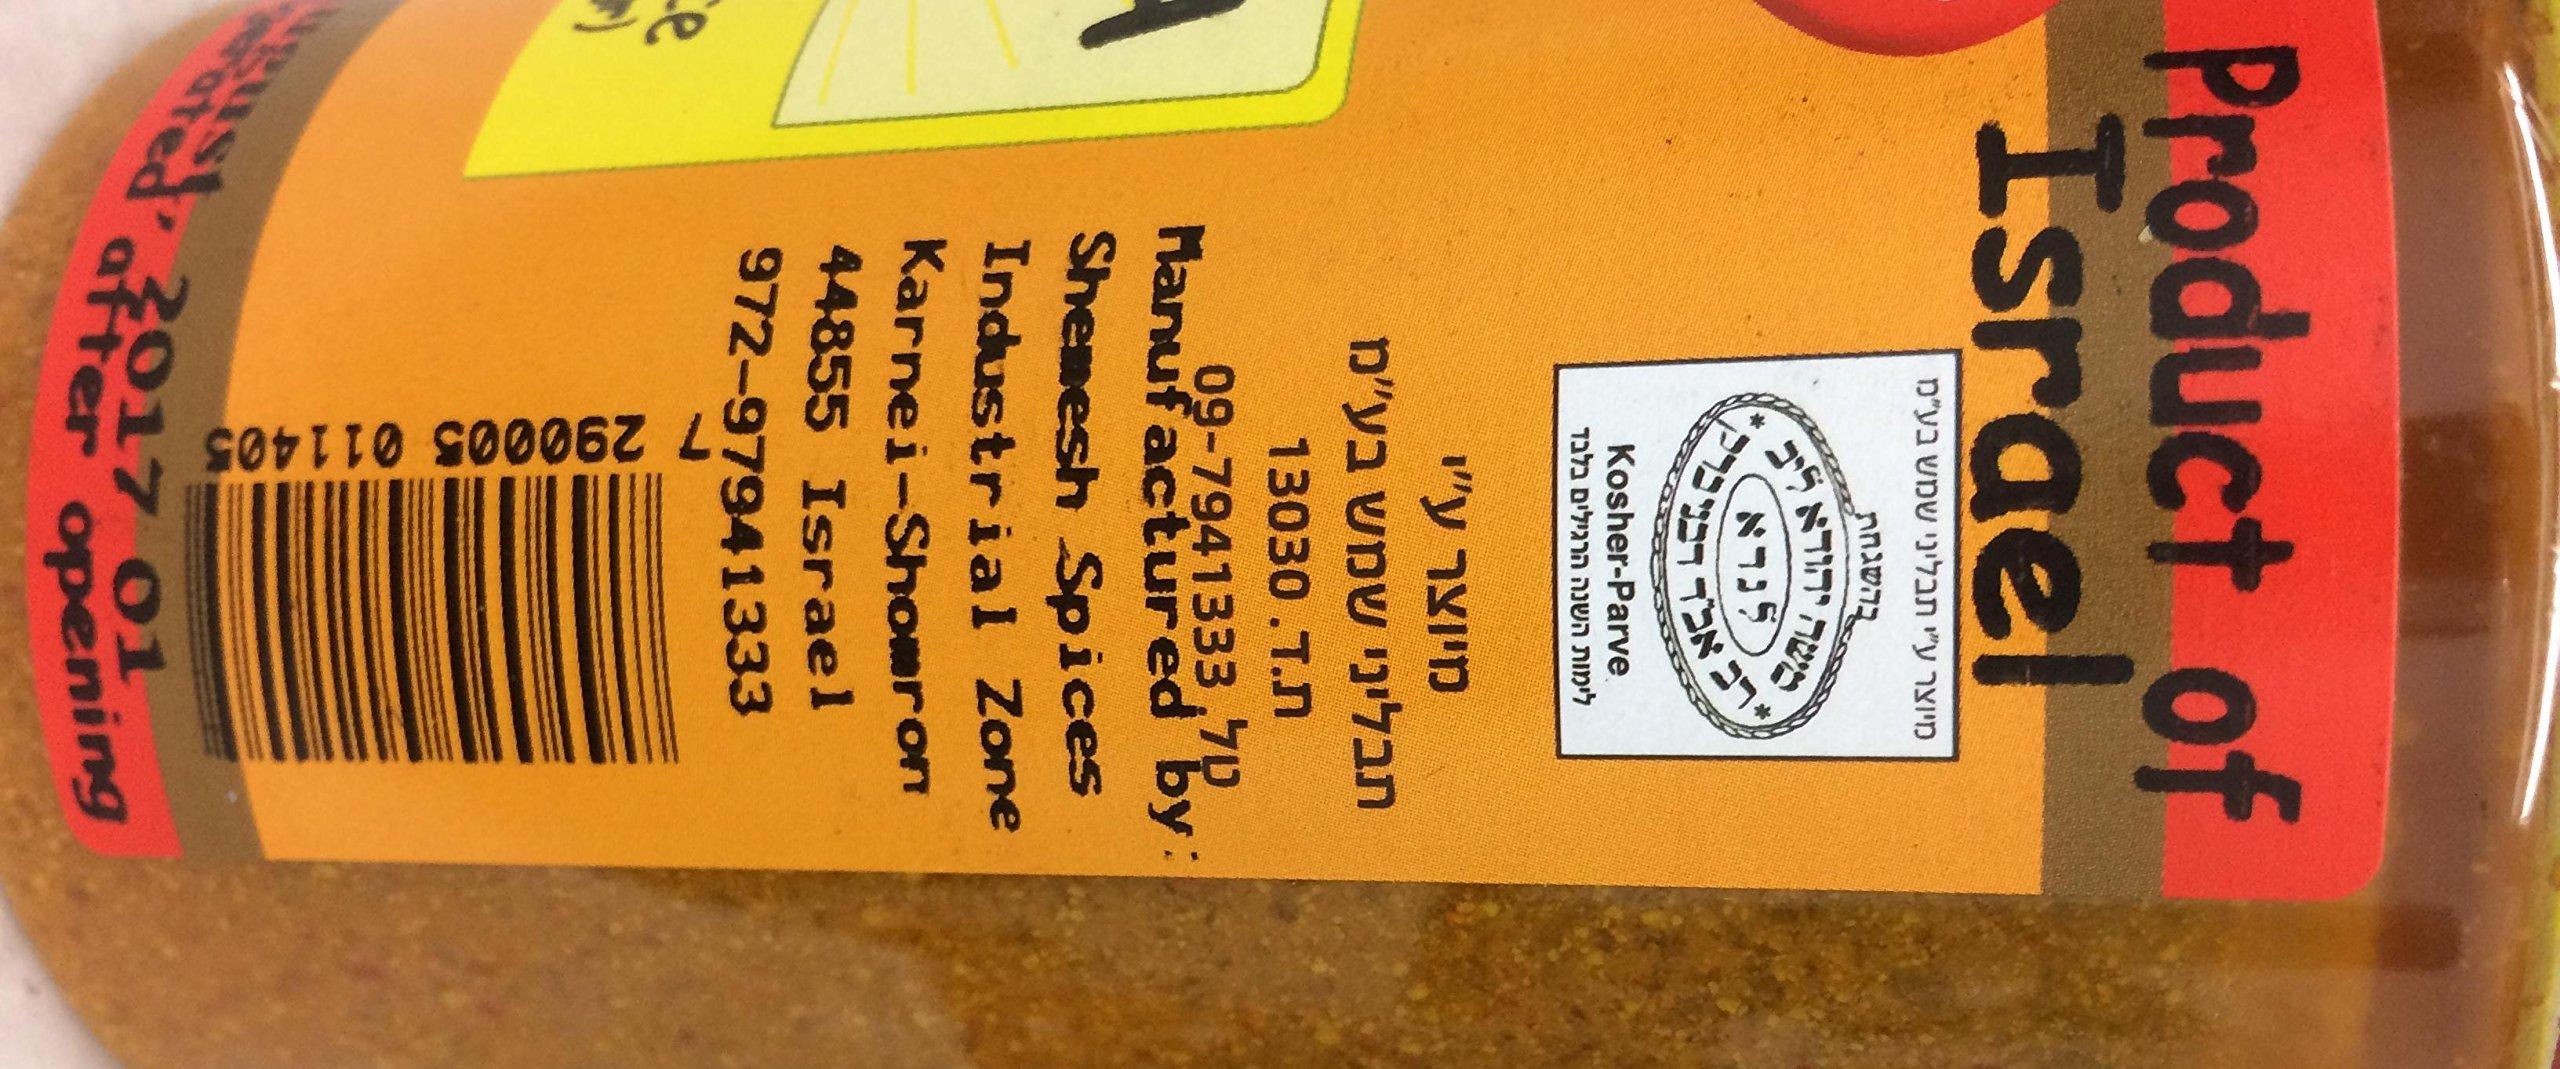 Amba Pickled Mango Sauce 17 Oz. Pk Of 3. by Amba (Image #2)